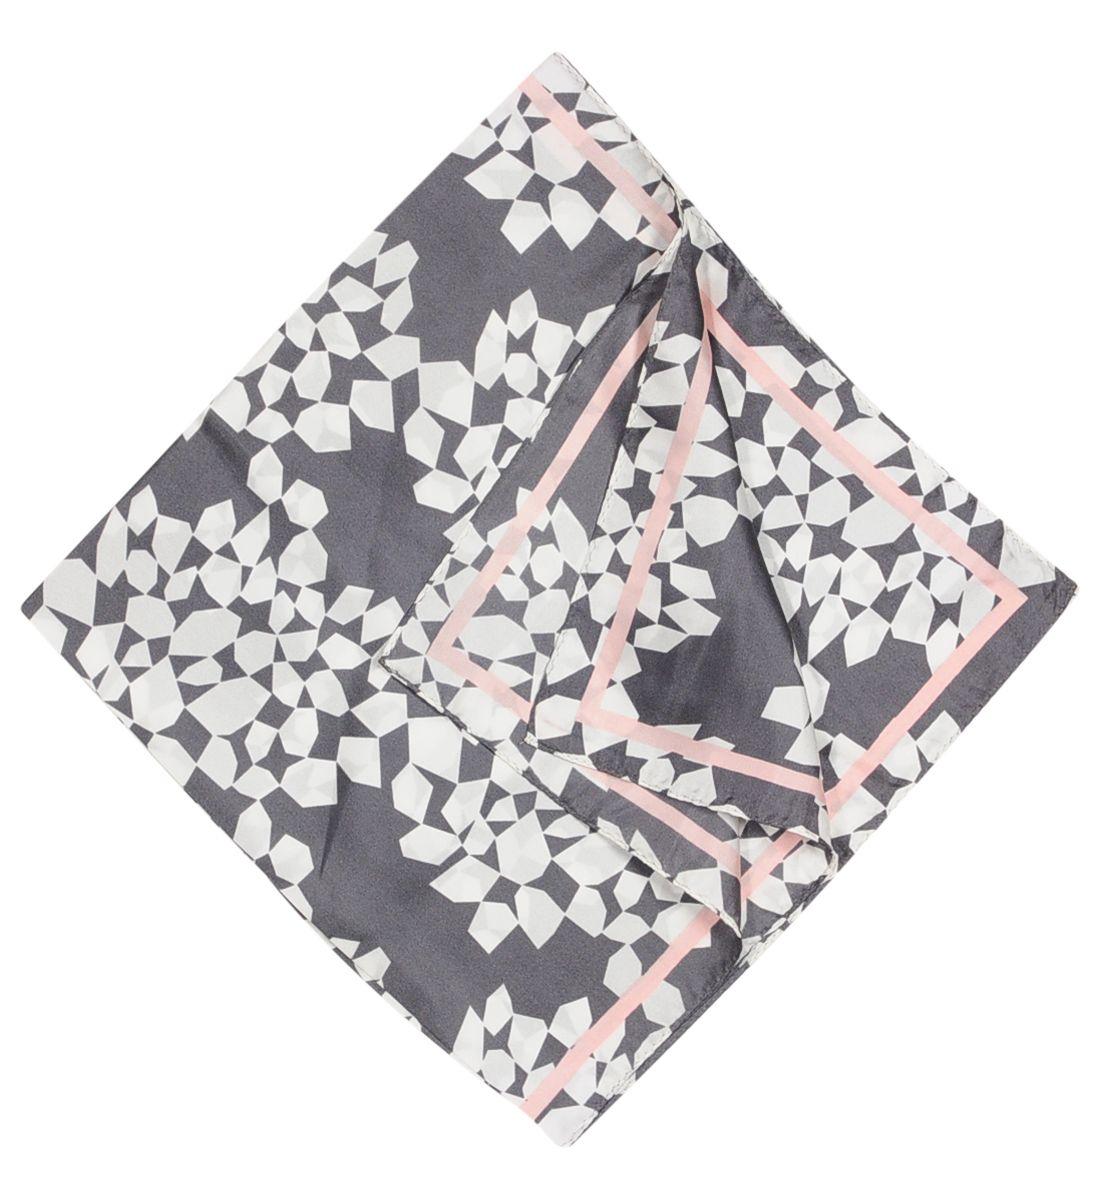 carr de soie scarves pinterest carr de soie soie. Black Bedroom Furniture Sets. Home Design Ideas